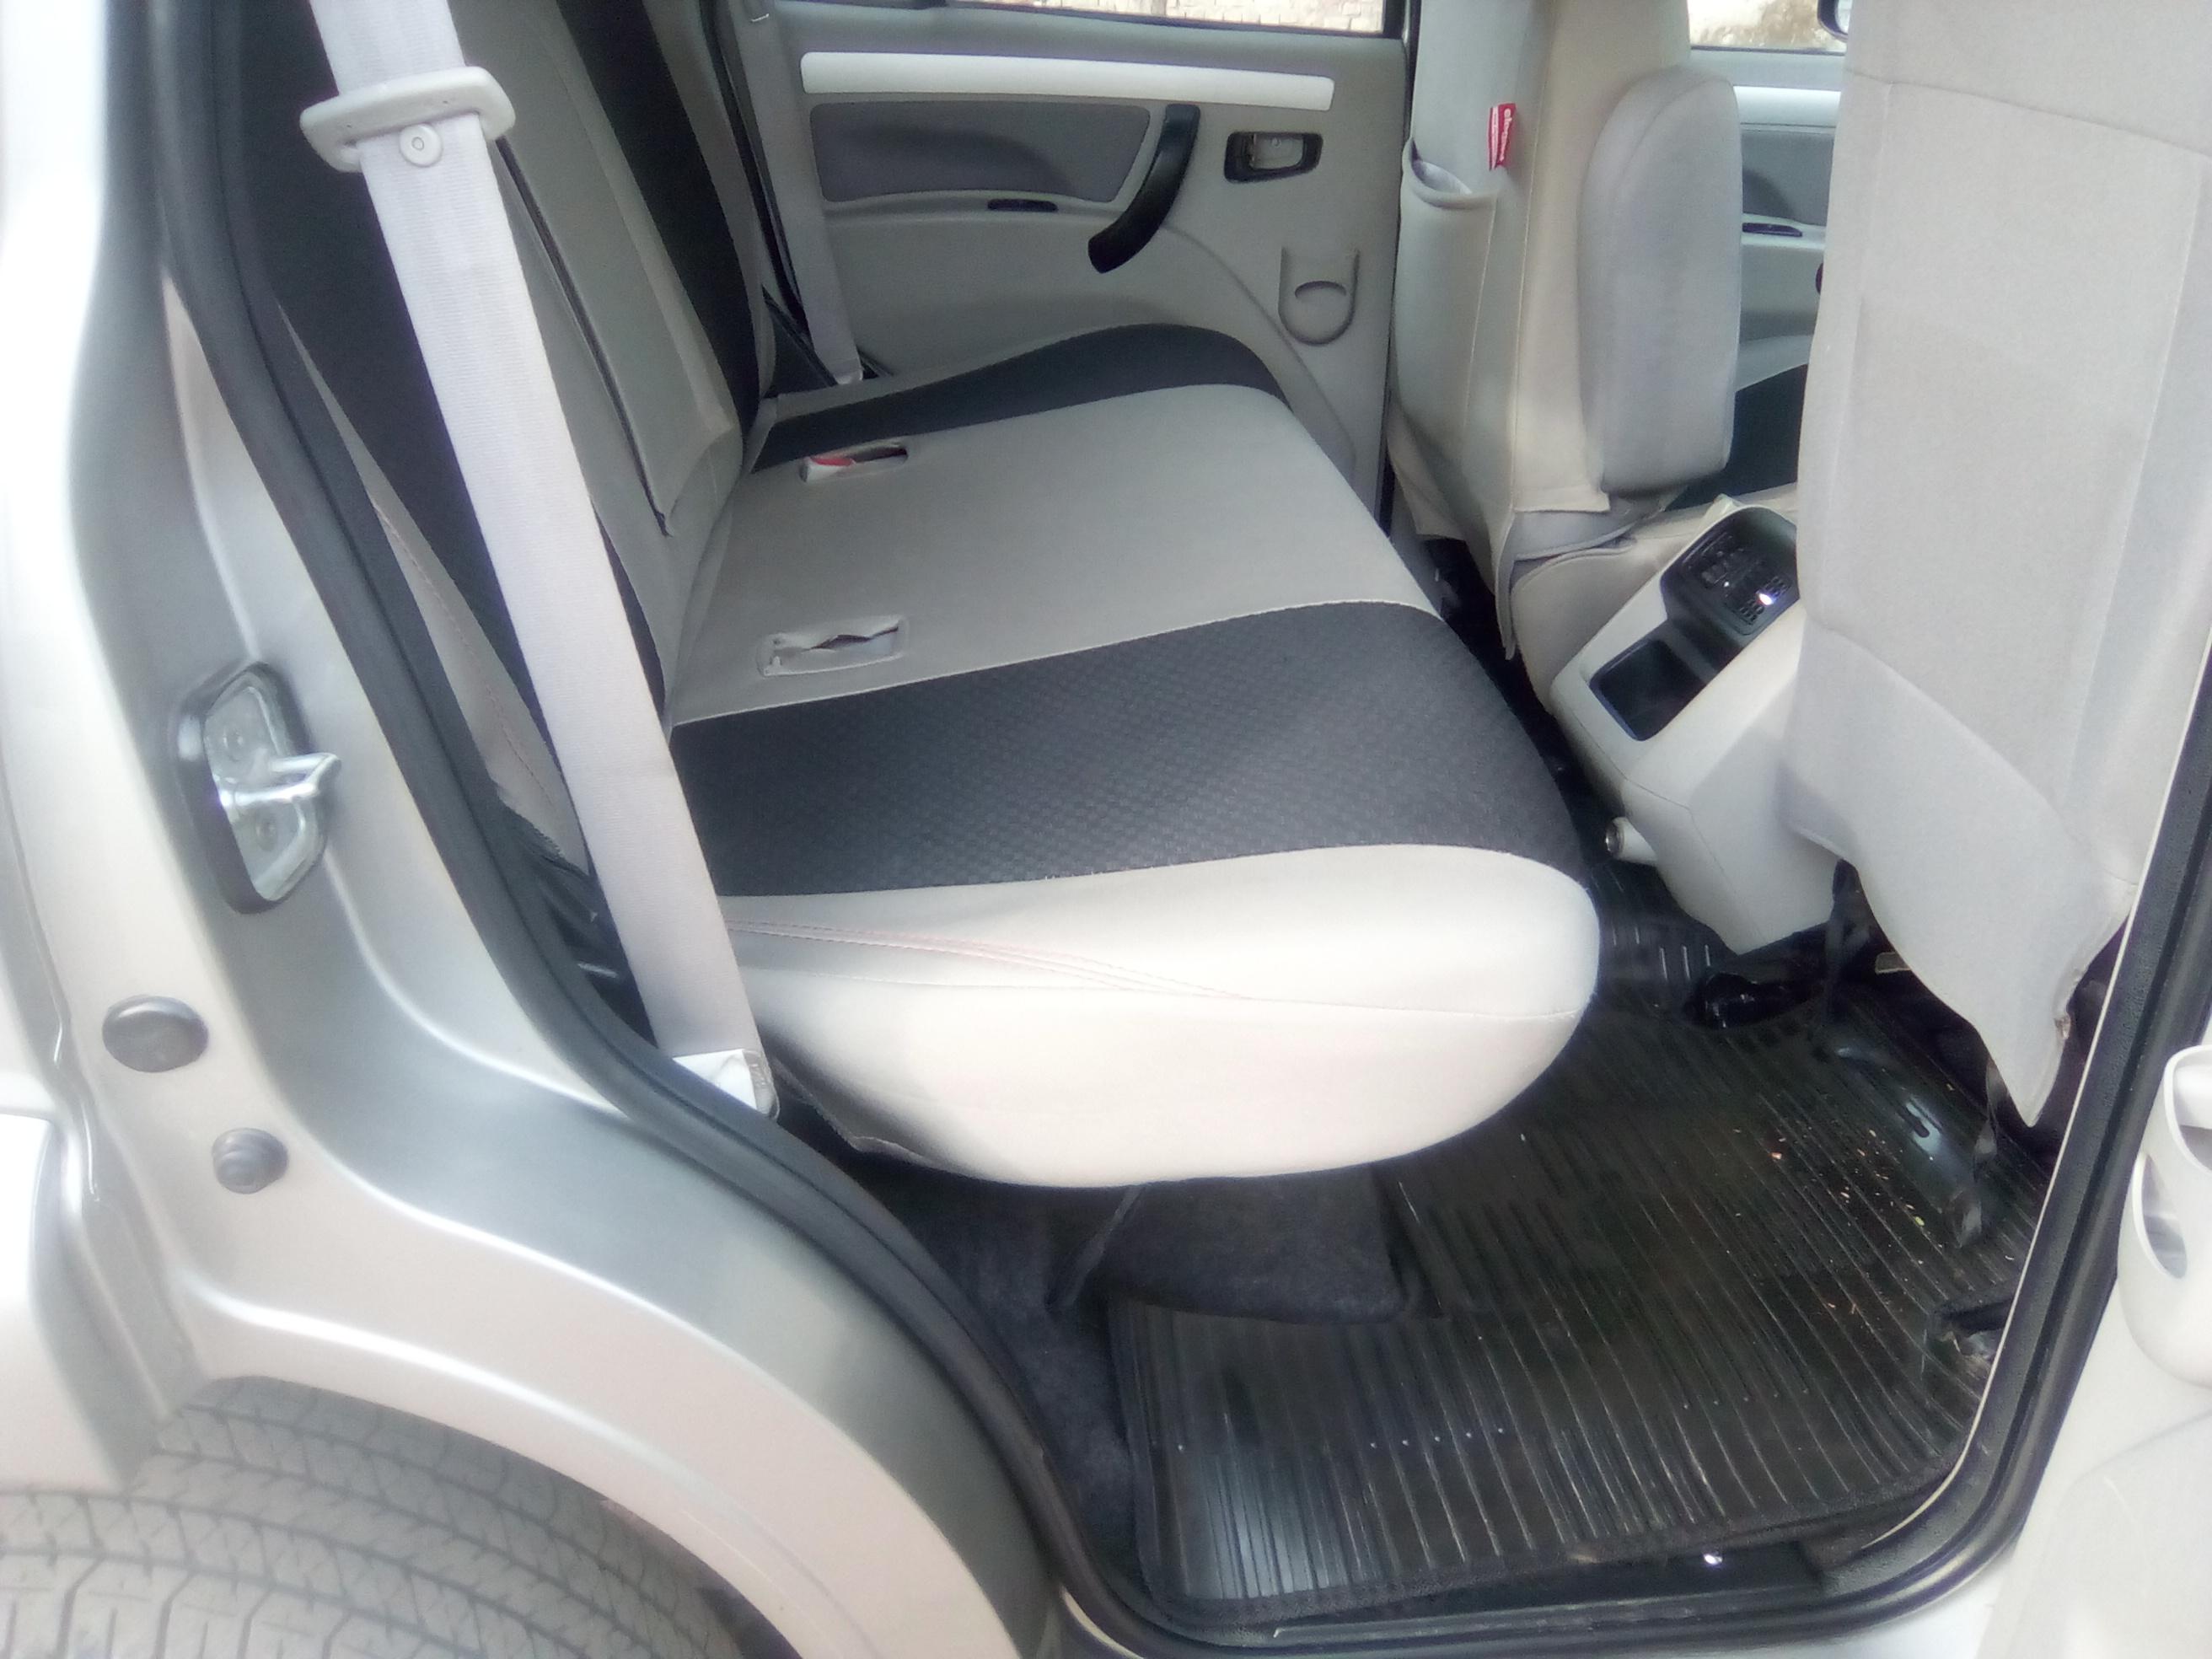 Phenomenal Mahindra Scorpio S10 Mahindra First Choice Creativecarmelina Interior Chair Design Creativecarmelinacom